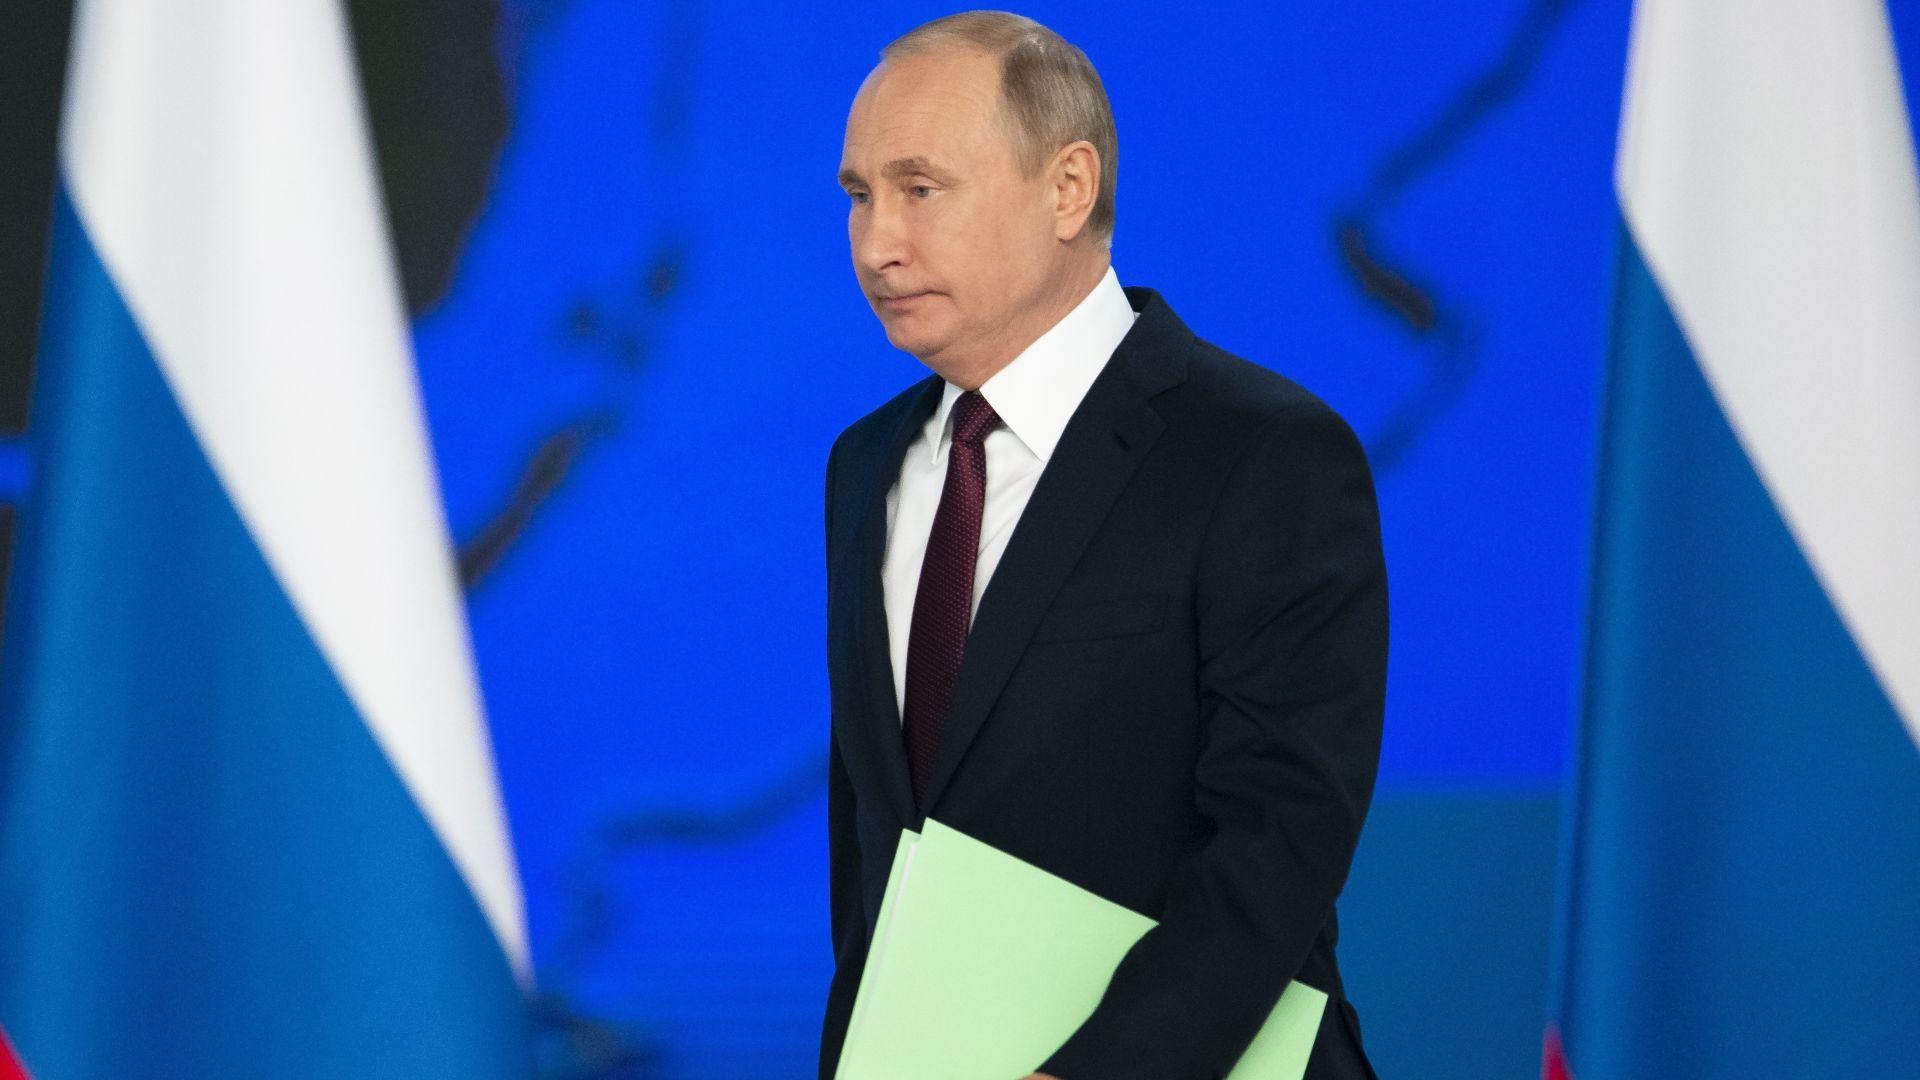 Русия ще насочи ракети и към САЩ, ако е застрашена, обяви Путин